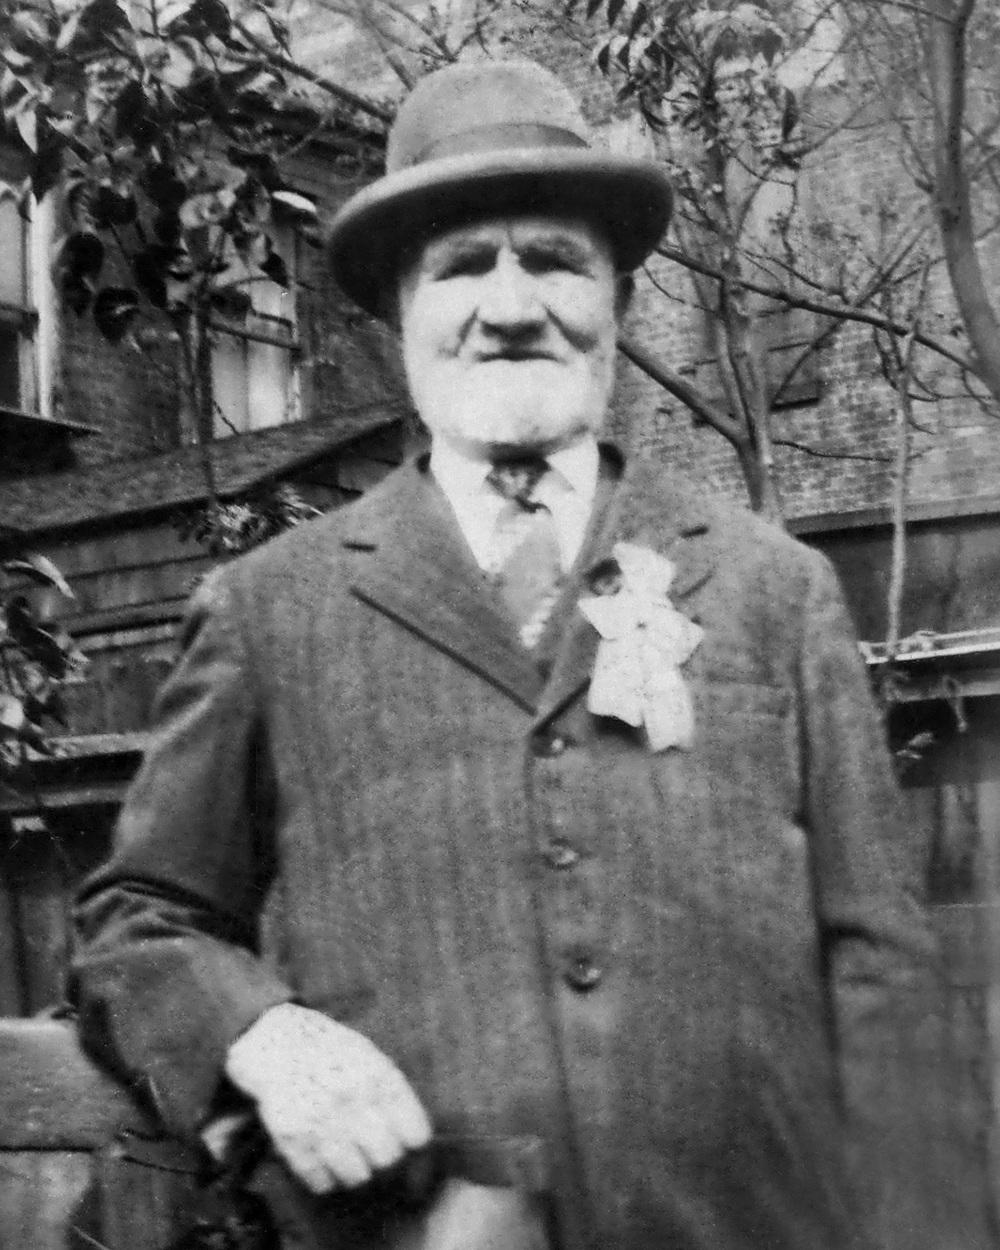 Abe Richolson